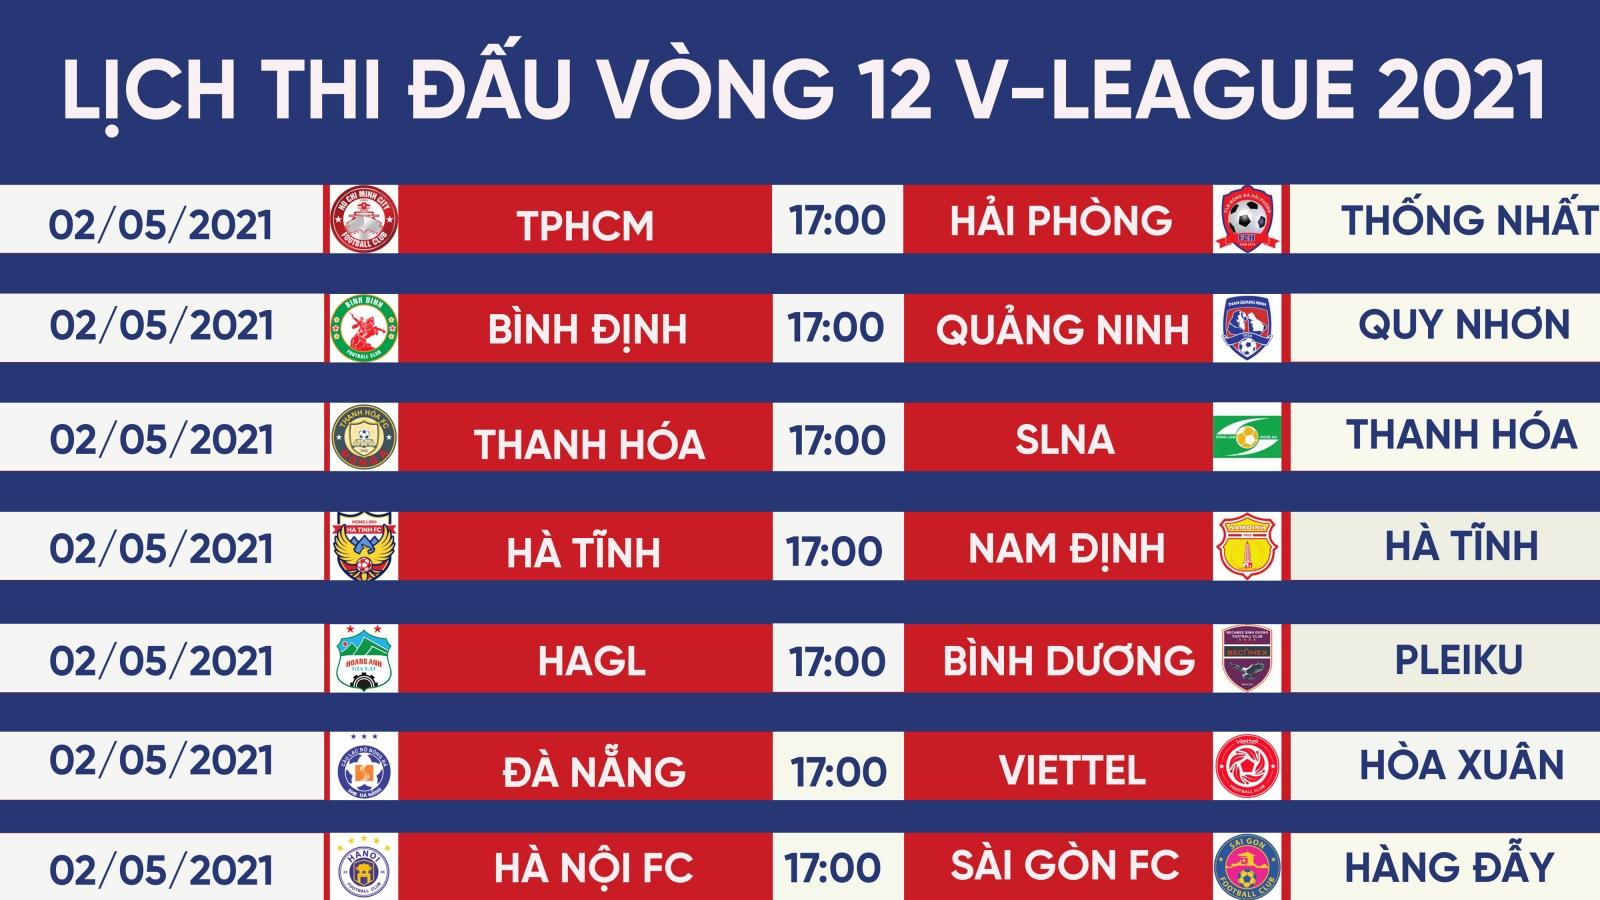 Lịch thi đấu vòng 12 V-League 2021: HAGL gặp đối cứng, Hà Nội FC khó thở